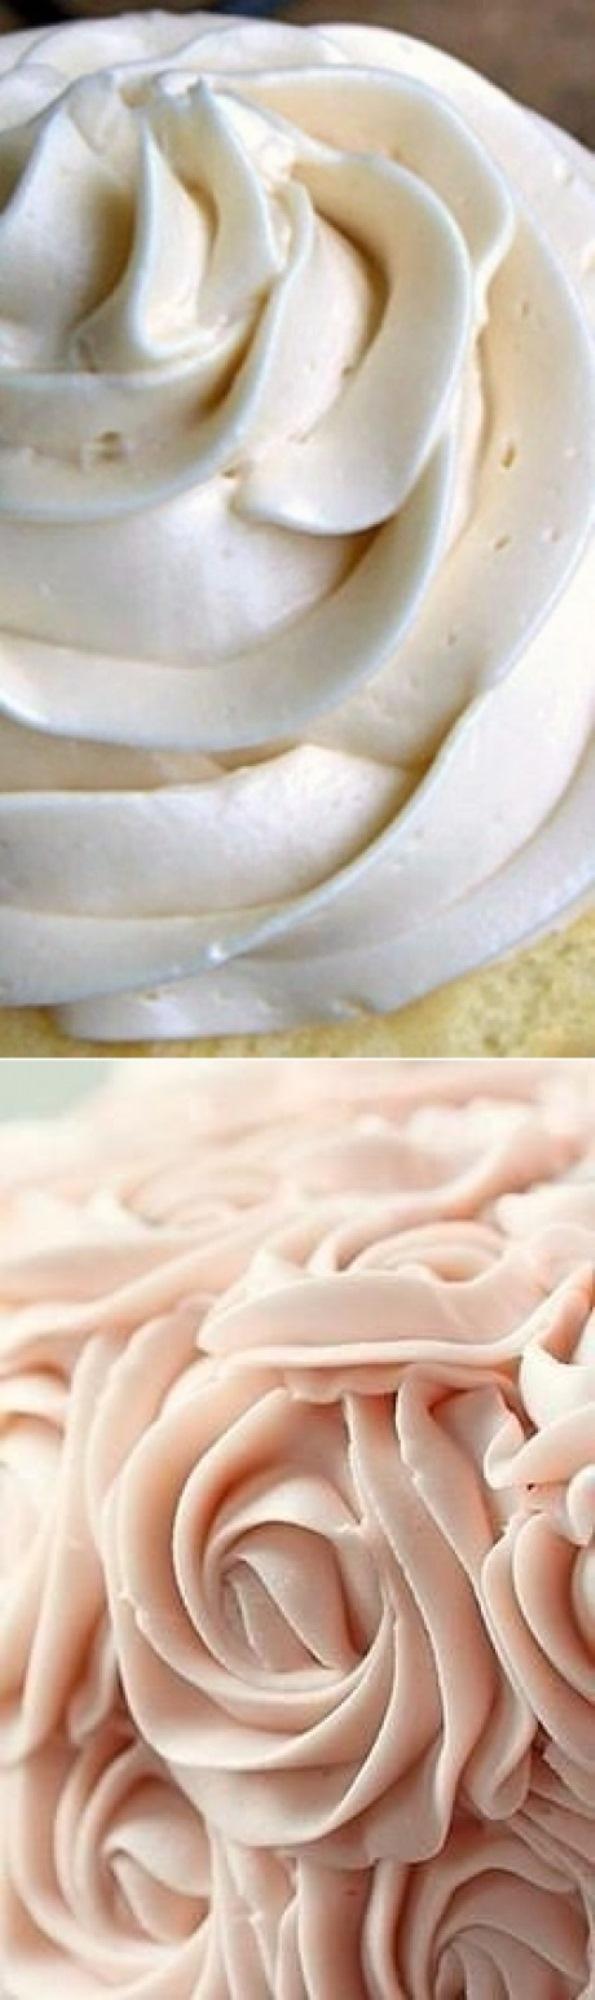 8 самых простых кремов для тортов и других десертов.